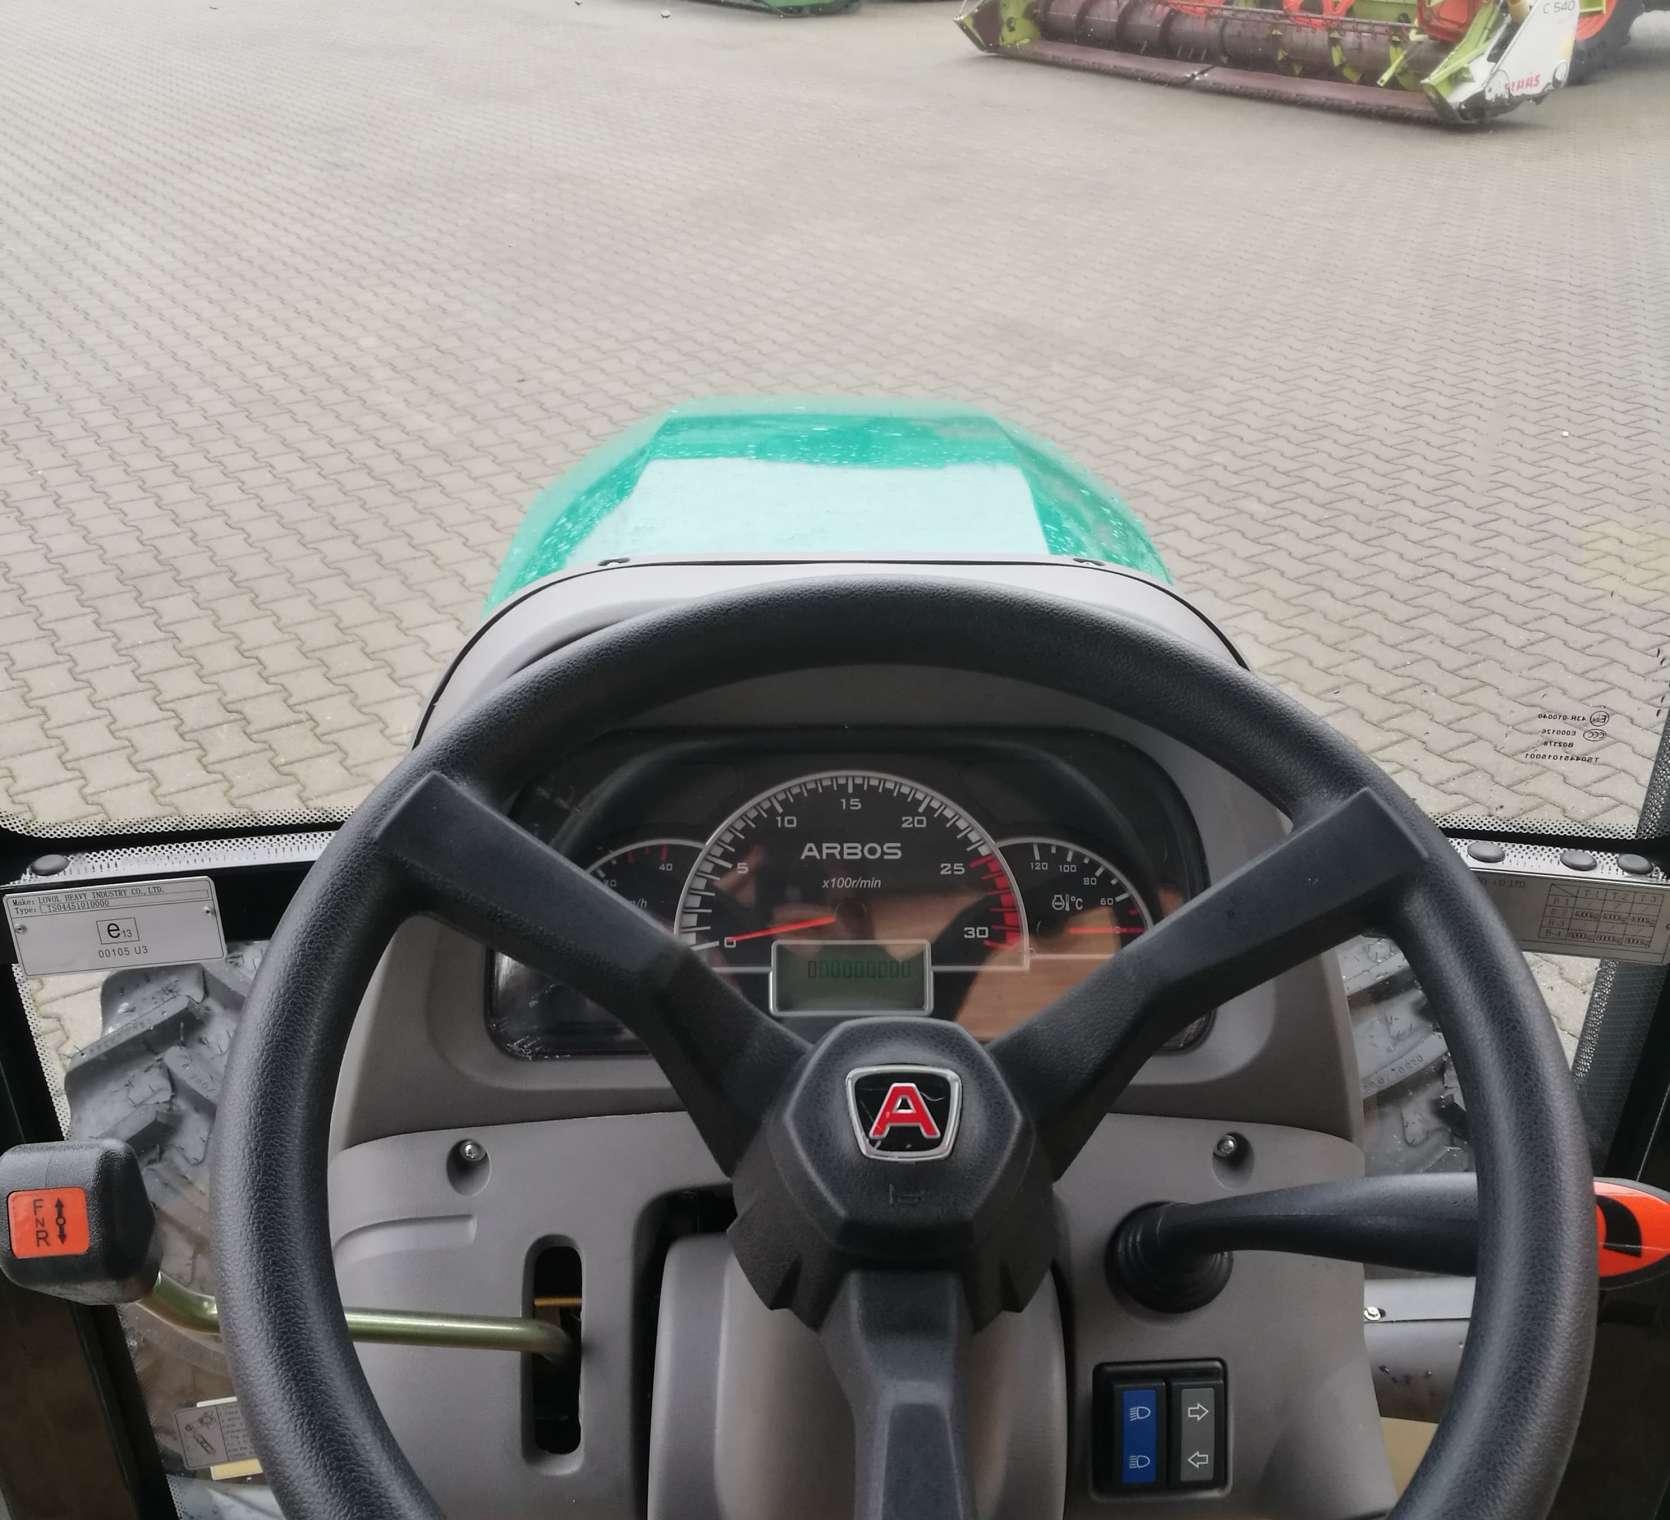 kierownica w arbos 3055